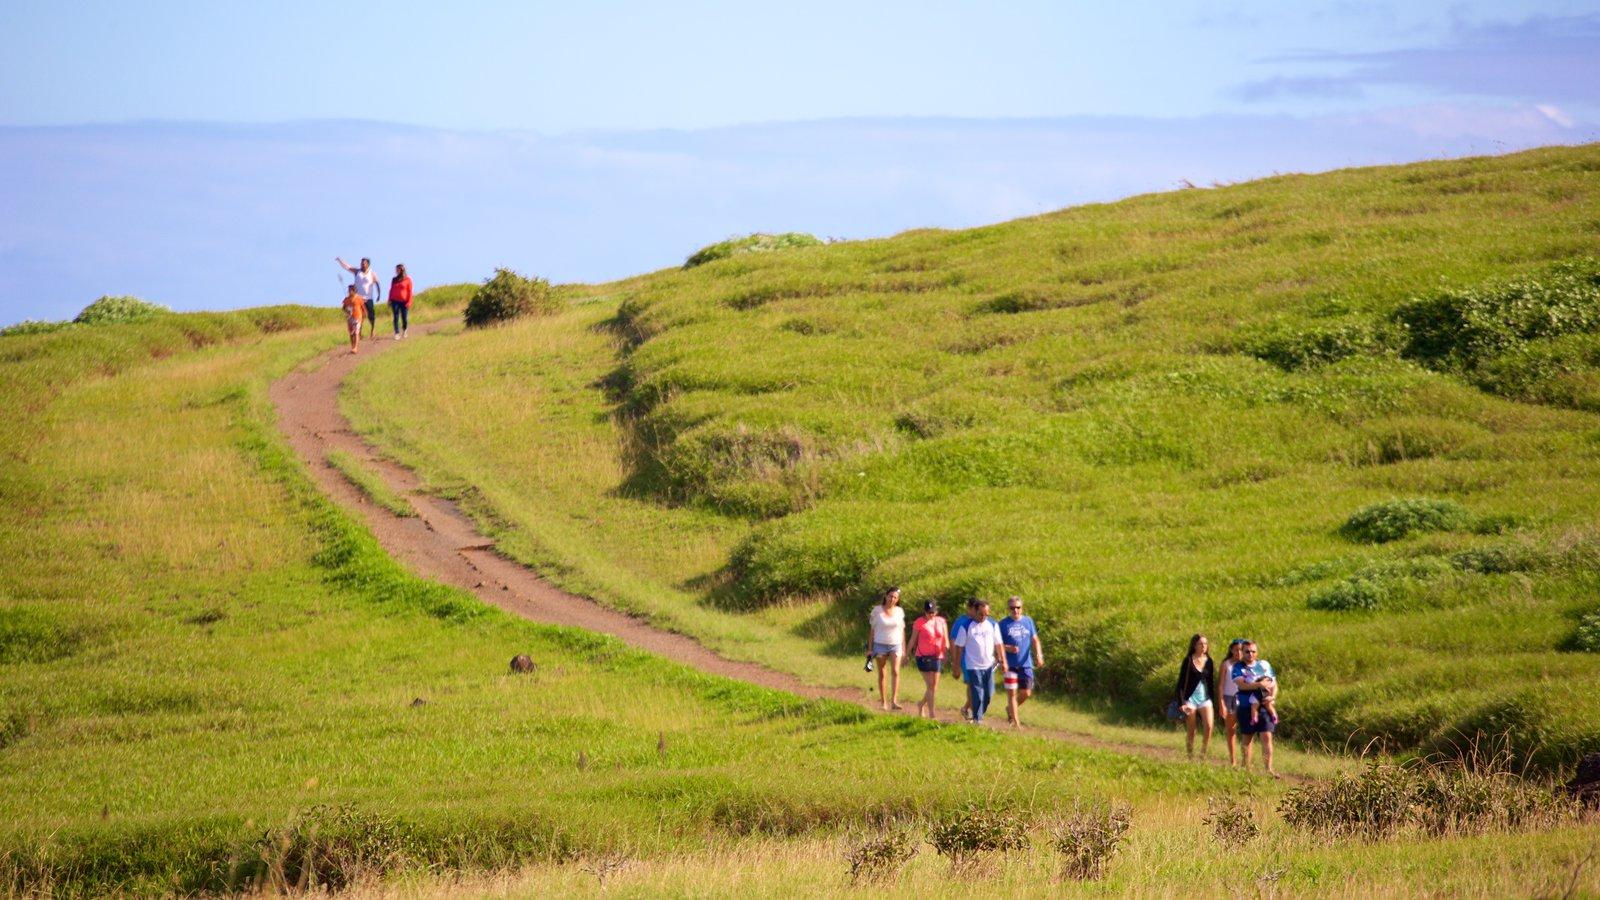 Isla de Pascua mostrando escenas tranquilas y senderismo o caminata y también un gran grupo de personas